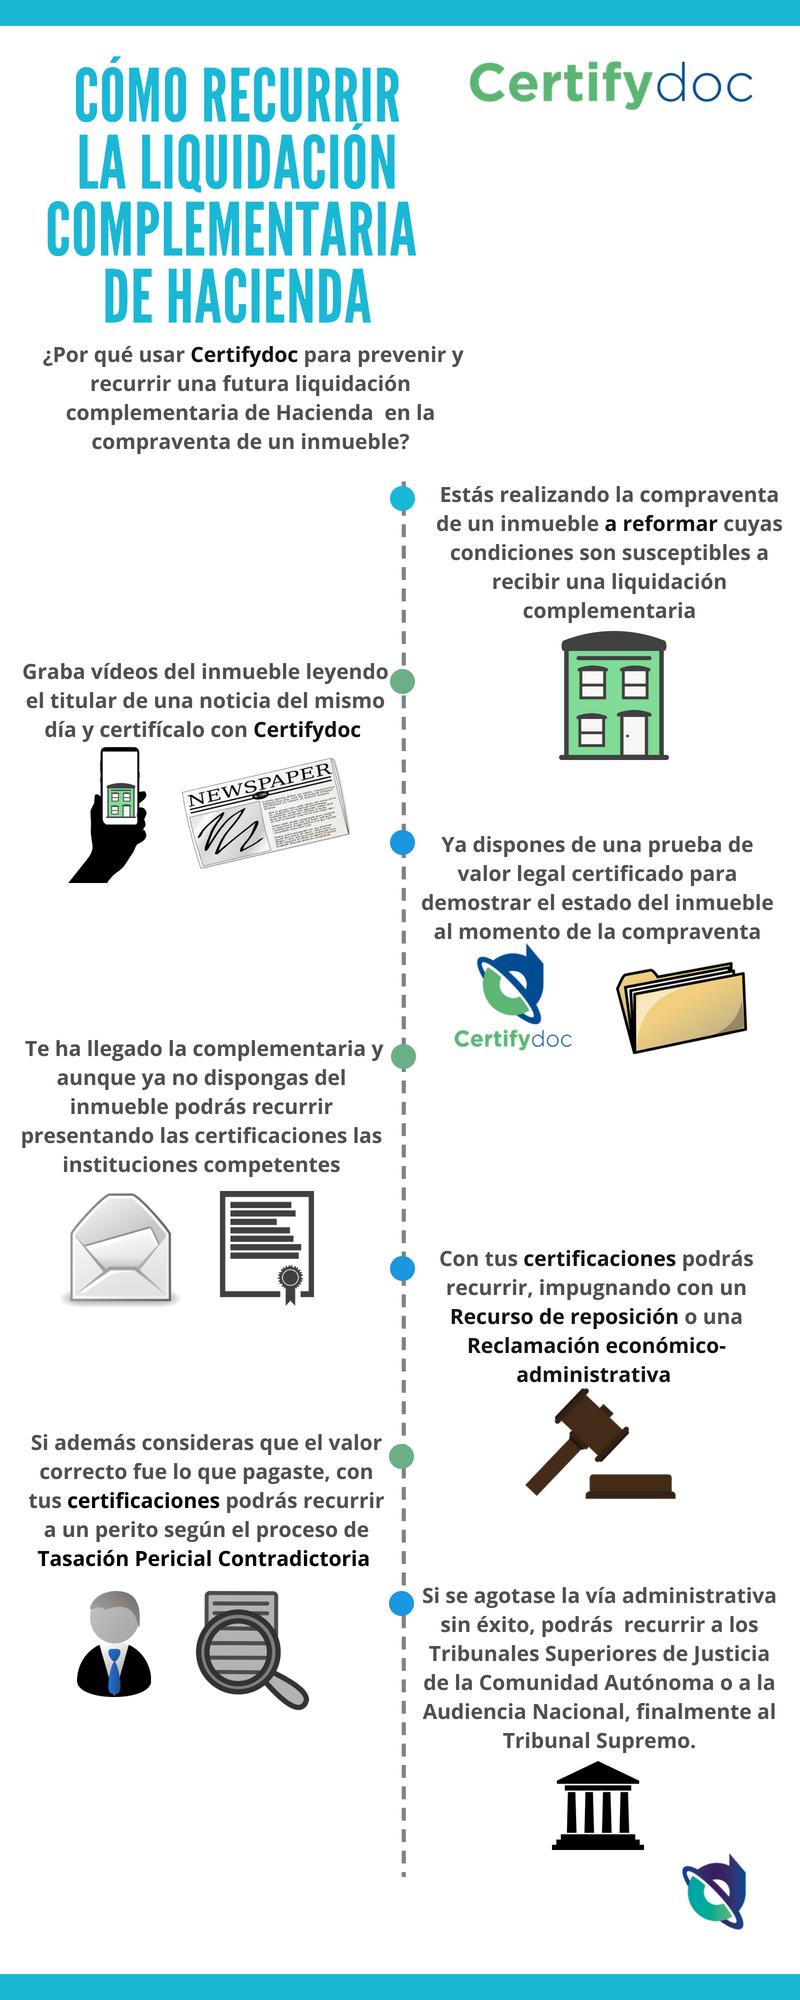 Certifydoc-Cómo recurrir la liquidación complementaria de hacienda